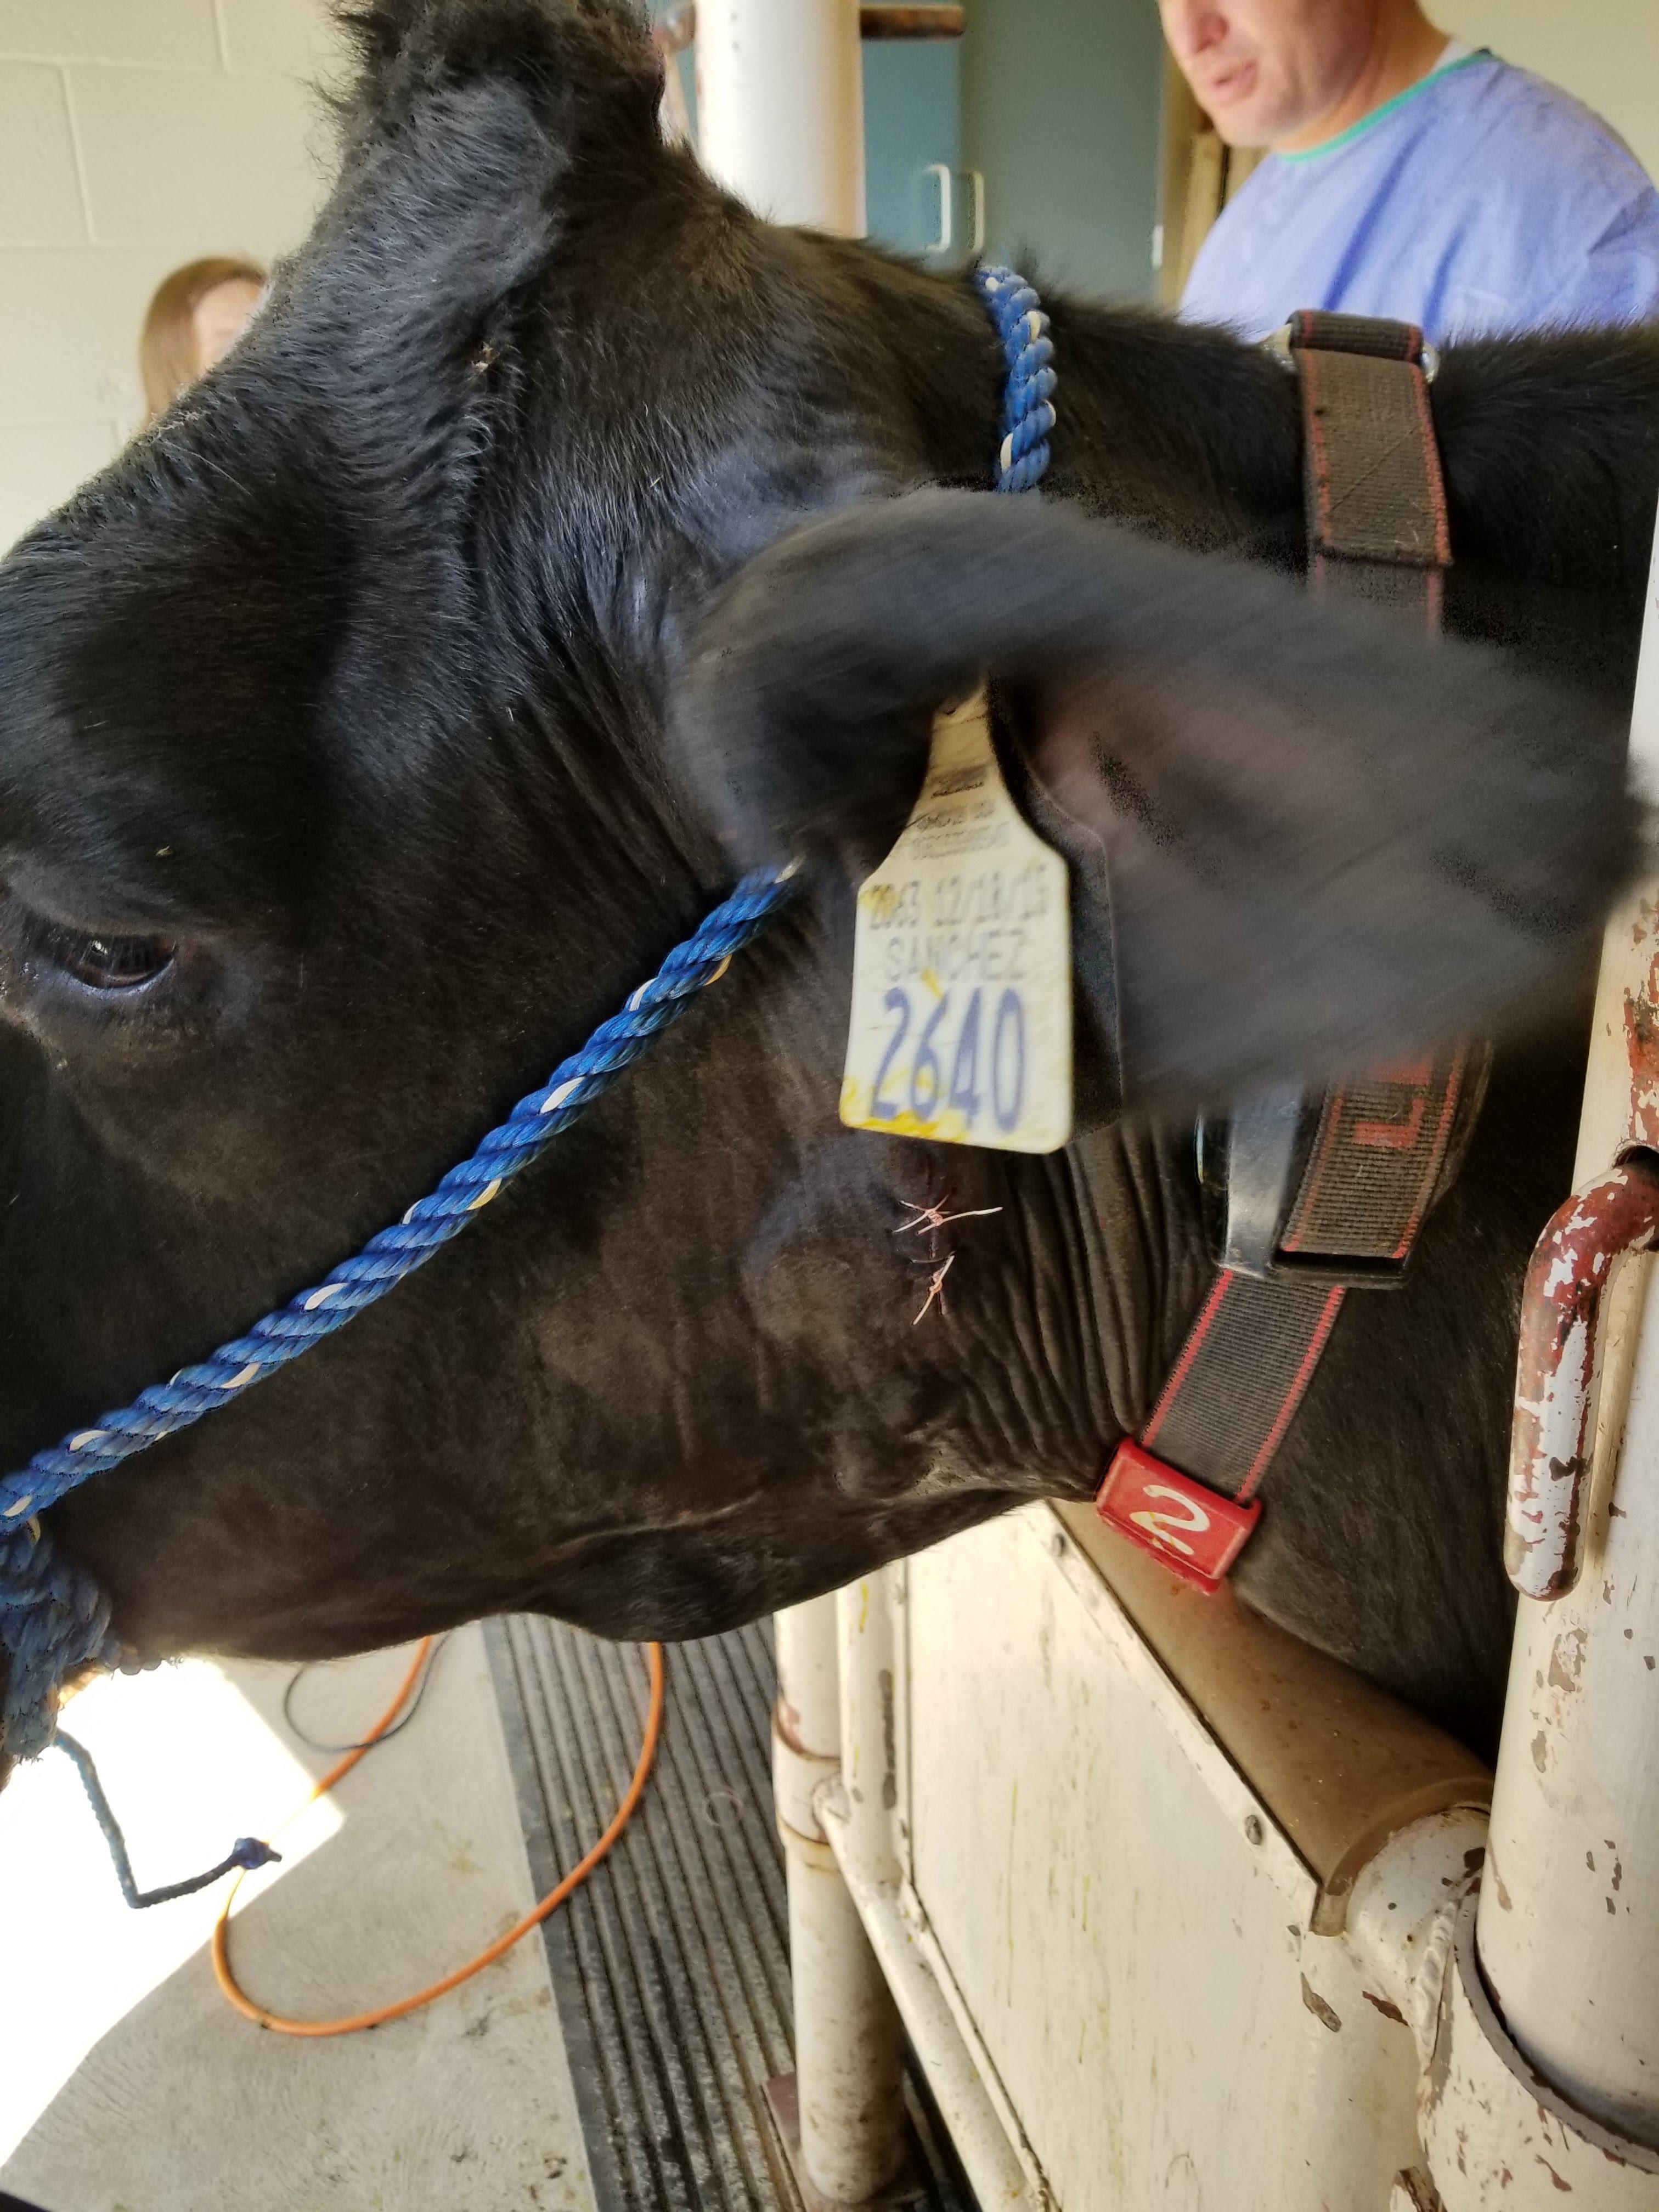 Una vaca en la Universidad Estatal de Utah